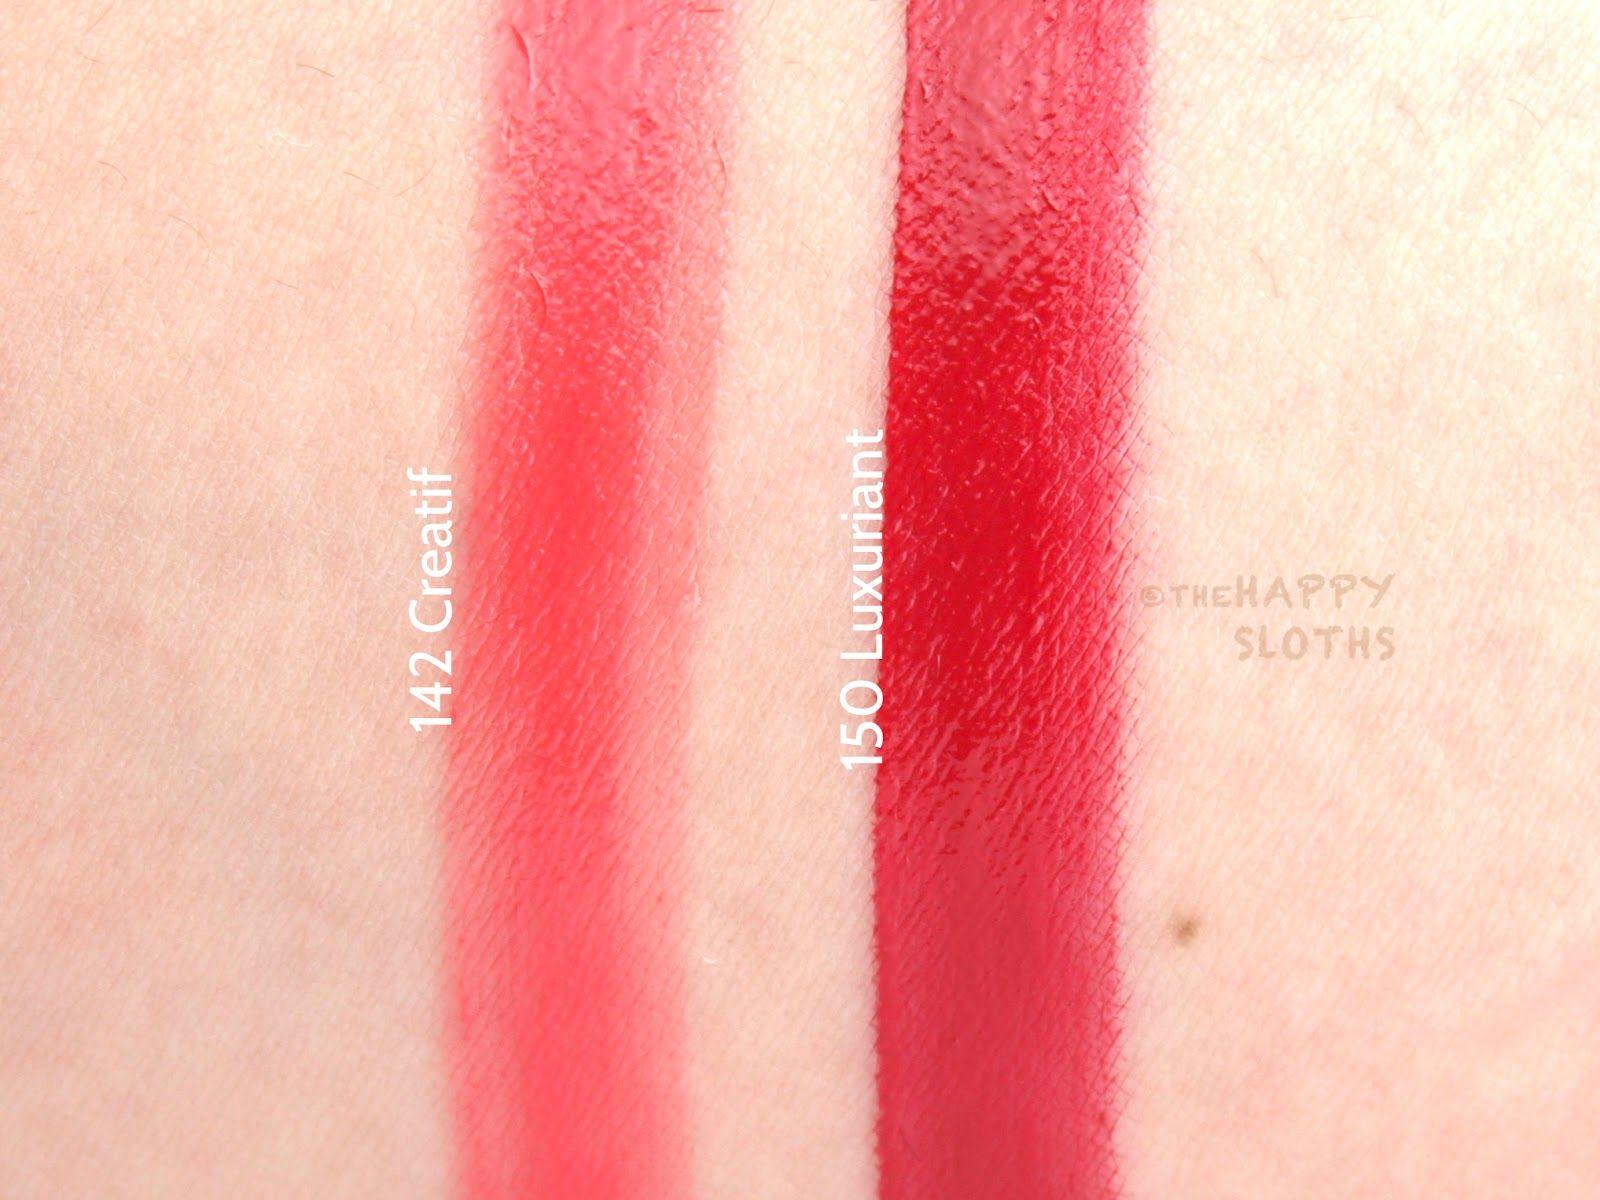 Rouge Allure Velvet Luminous Matte Lip Colour by Chanel #22